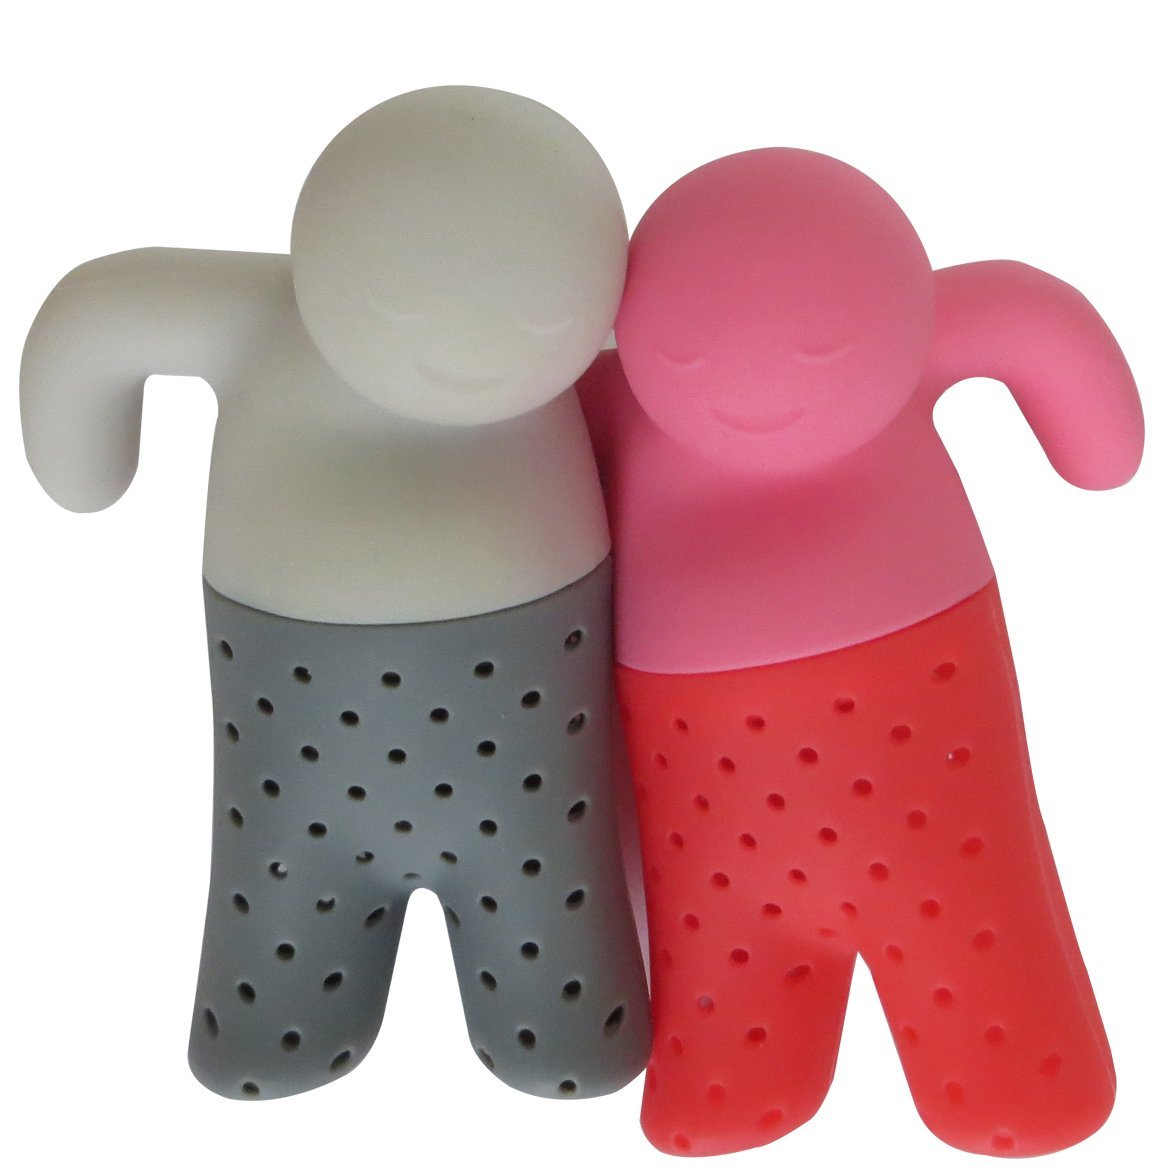 Cамые прикольные современные кухонные гаджеты: Мистер и Миссис Ти - ситечки для чая